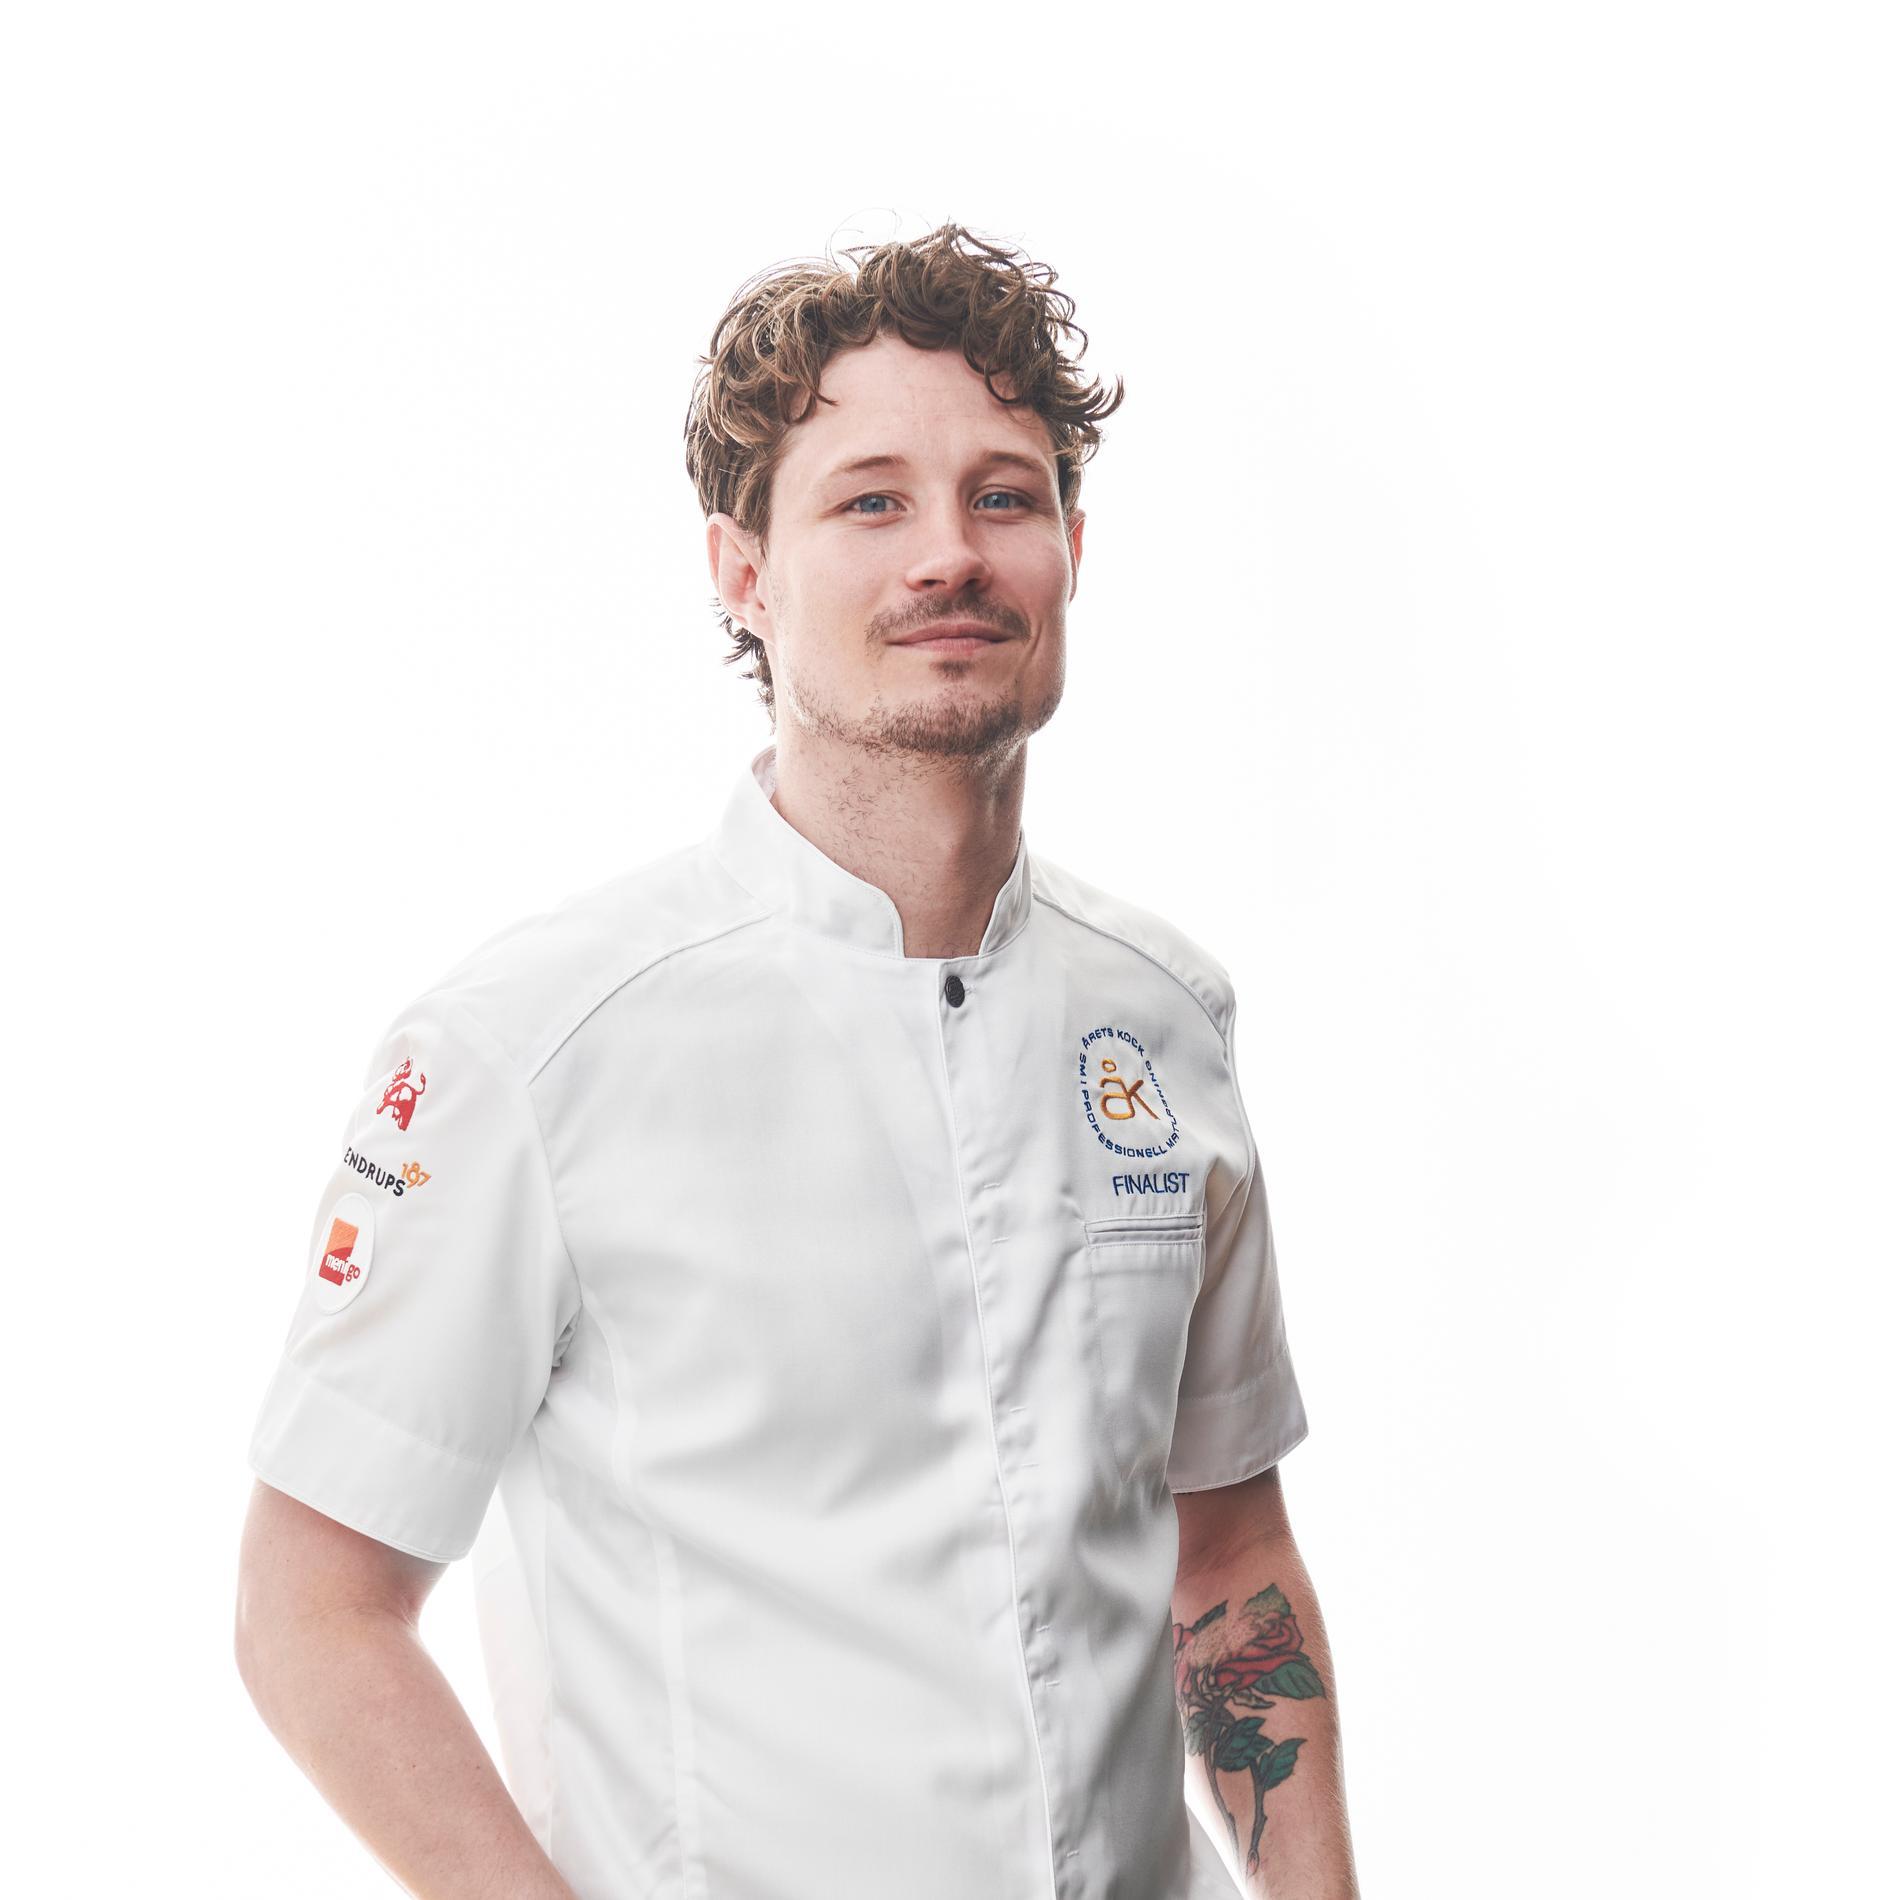 Efter två tidigare finalomgångar av Årets kock så är Christian Siberg sugen på att vinna.